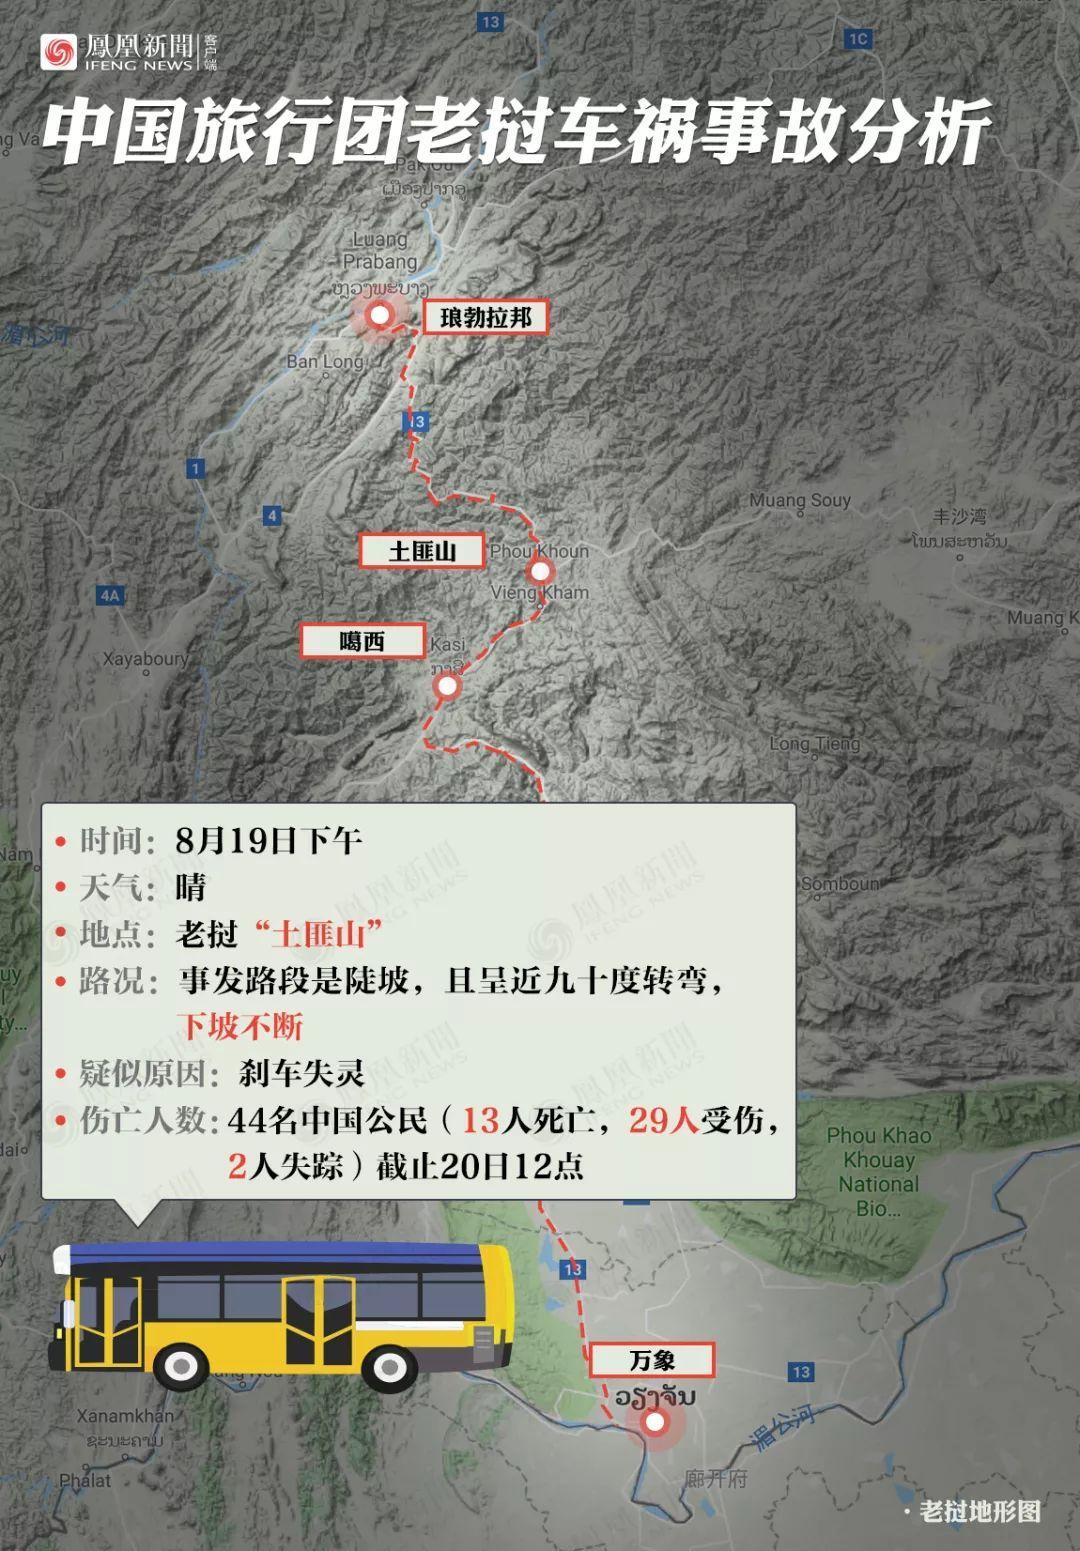 14人遇难!一图详解中国游客老挝车祸事故经过